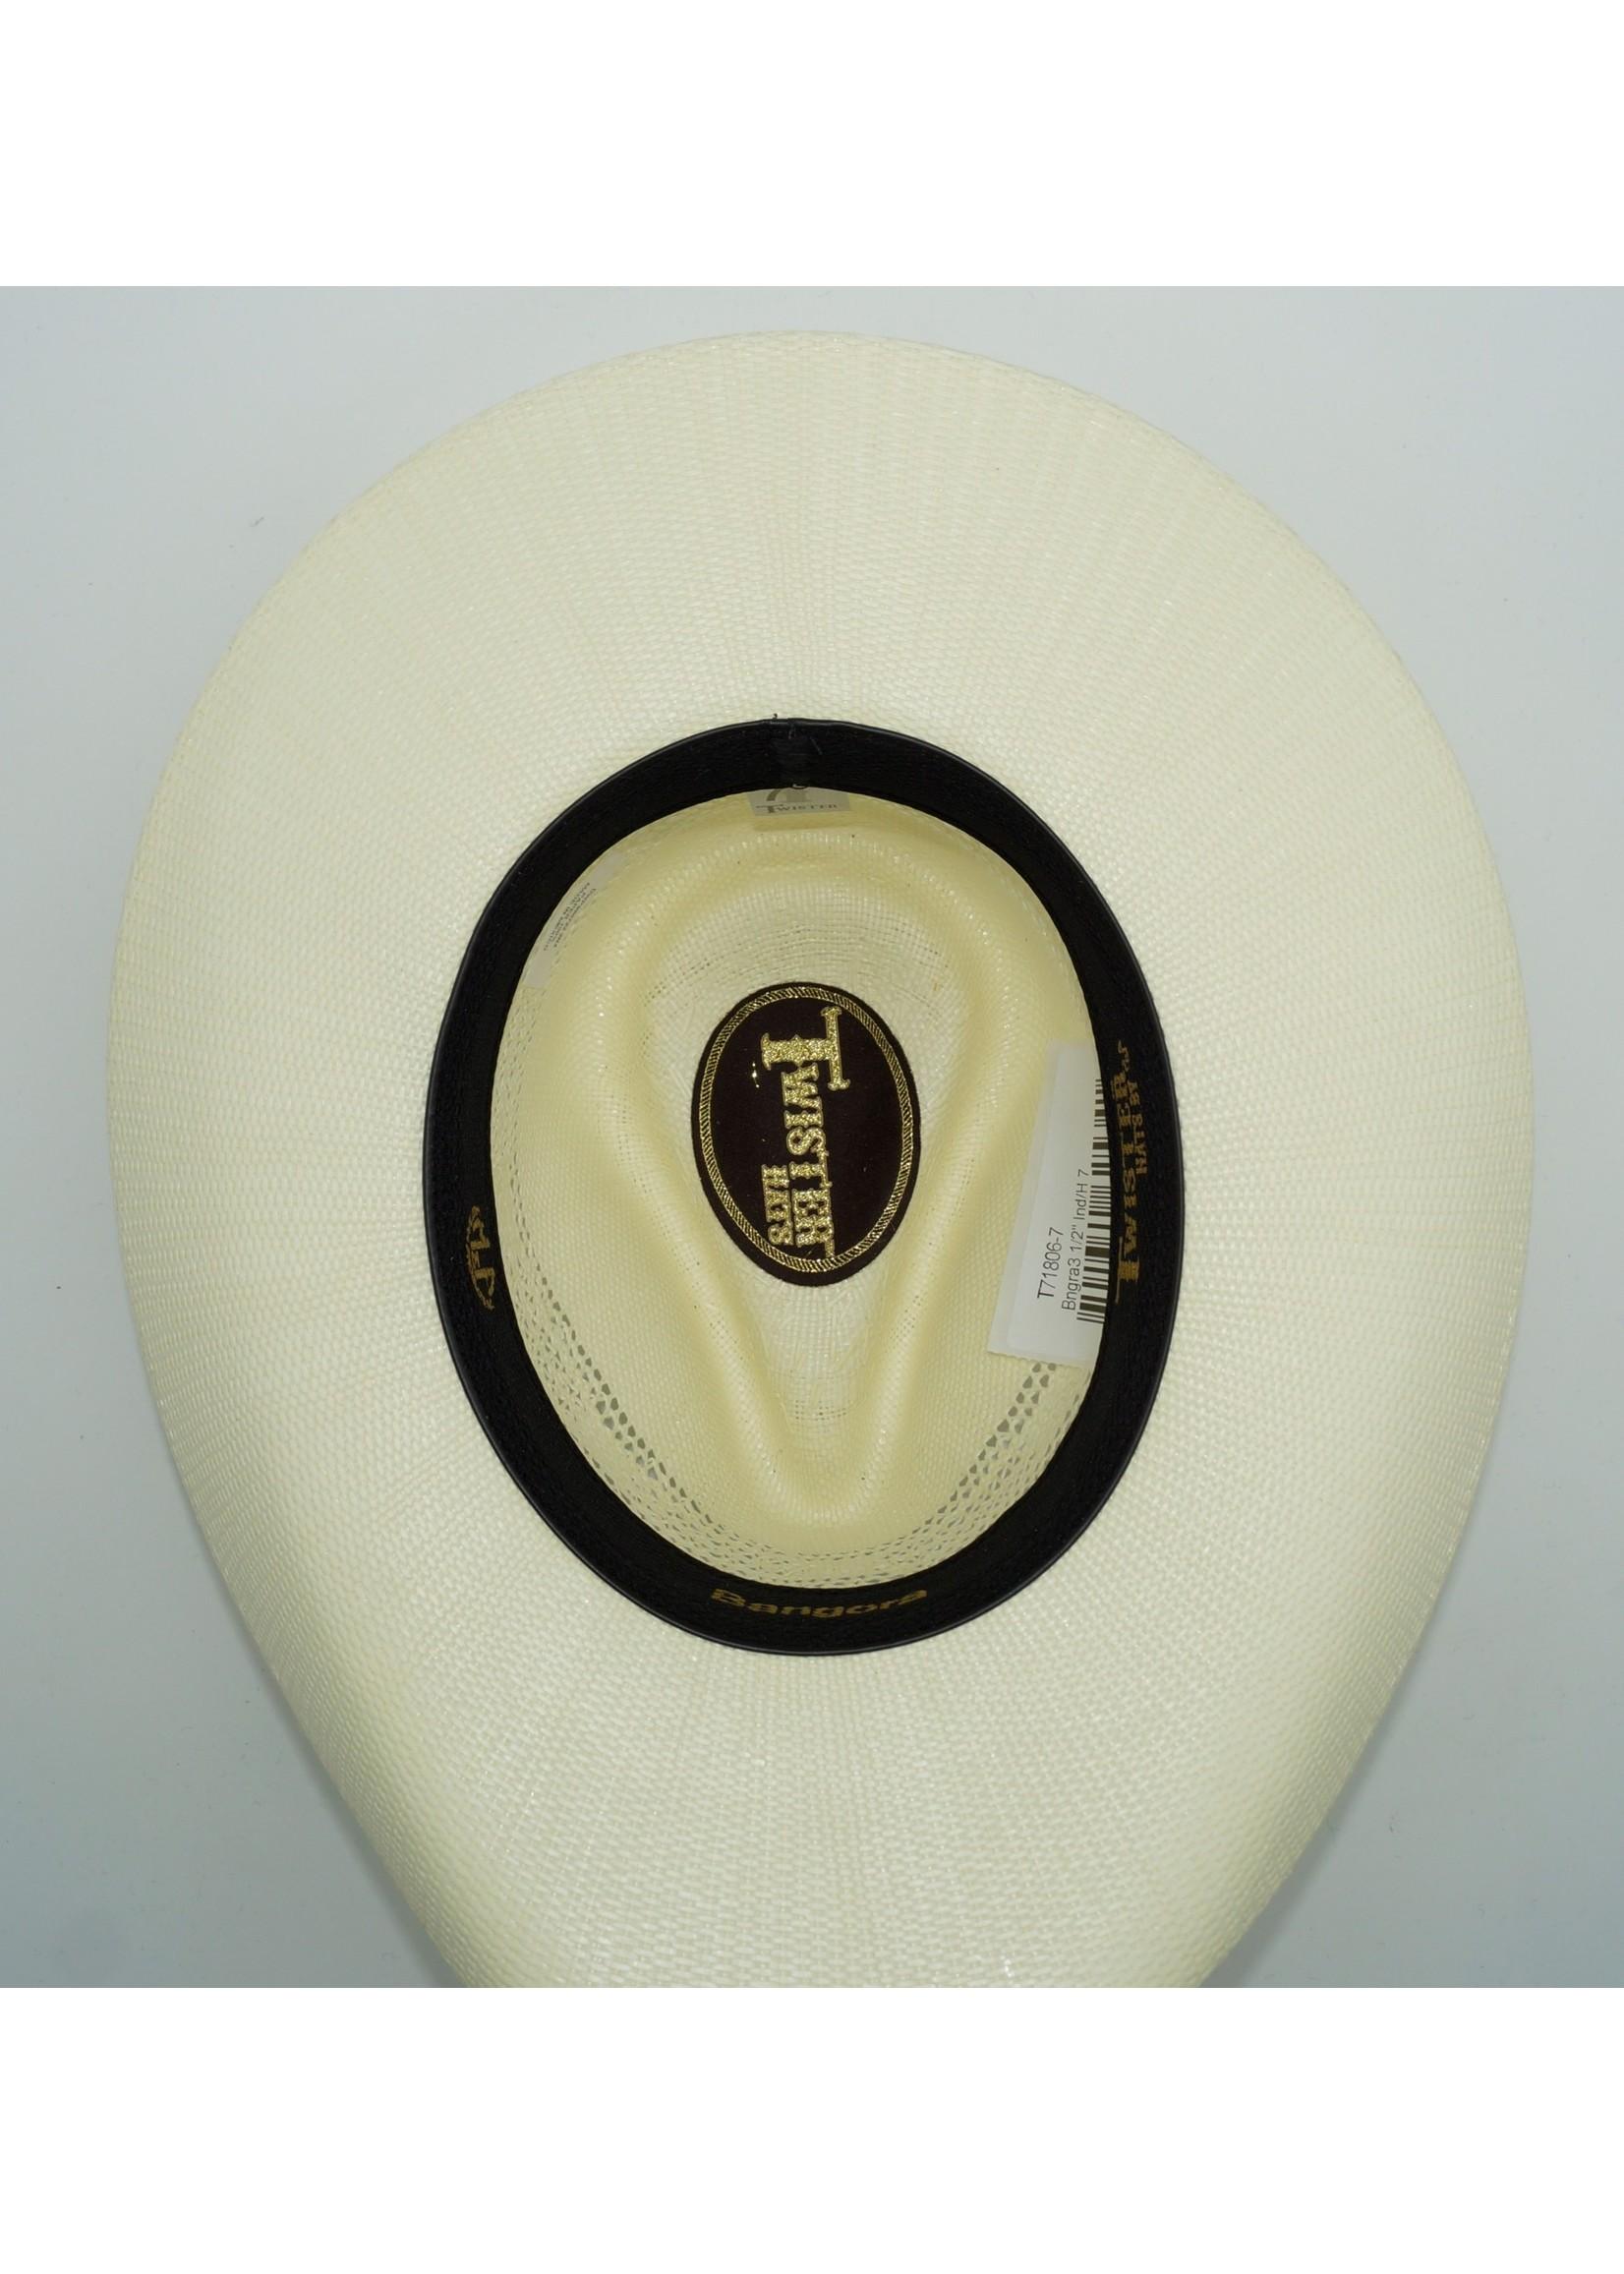 Twister Western Men's Bangora Punchy Ivory